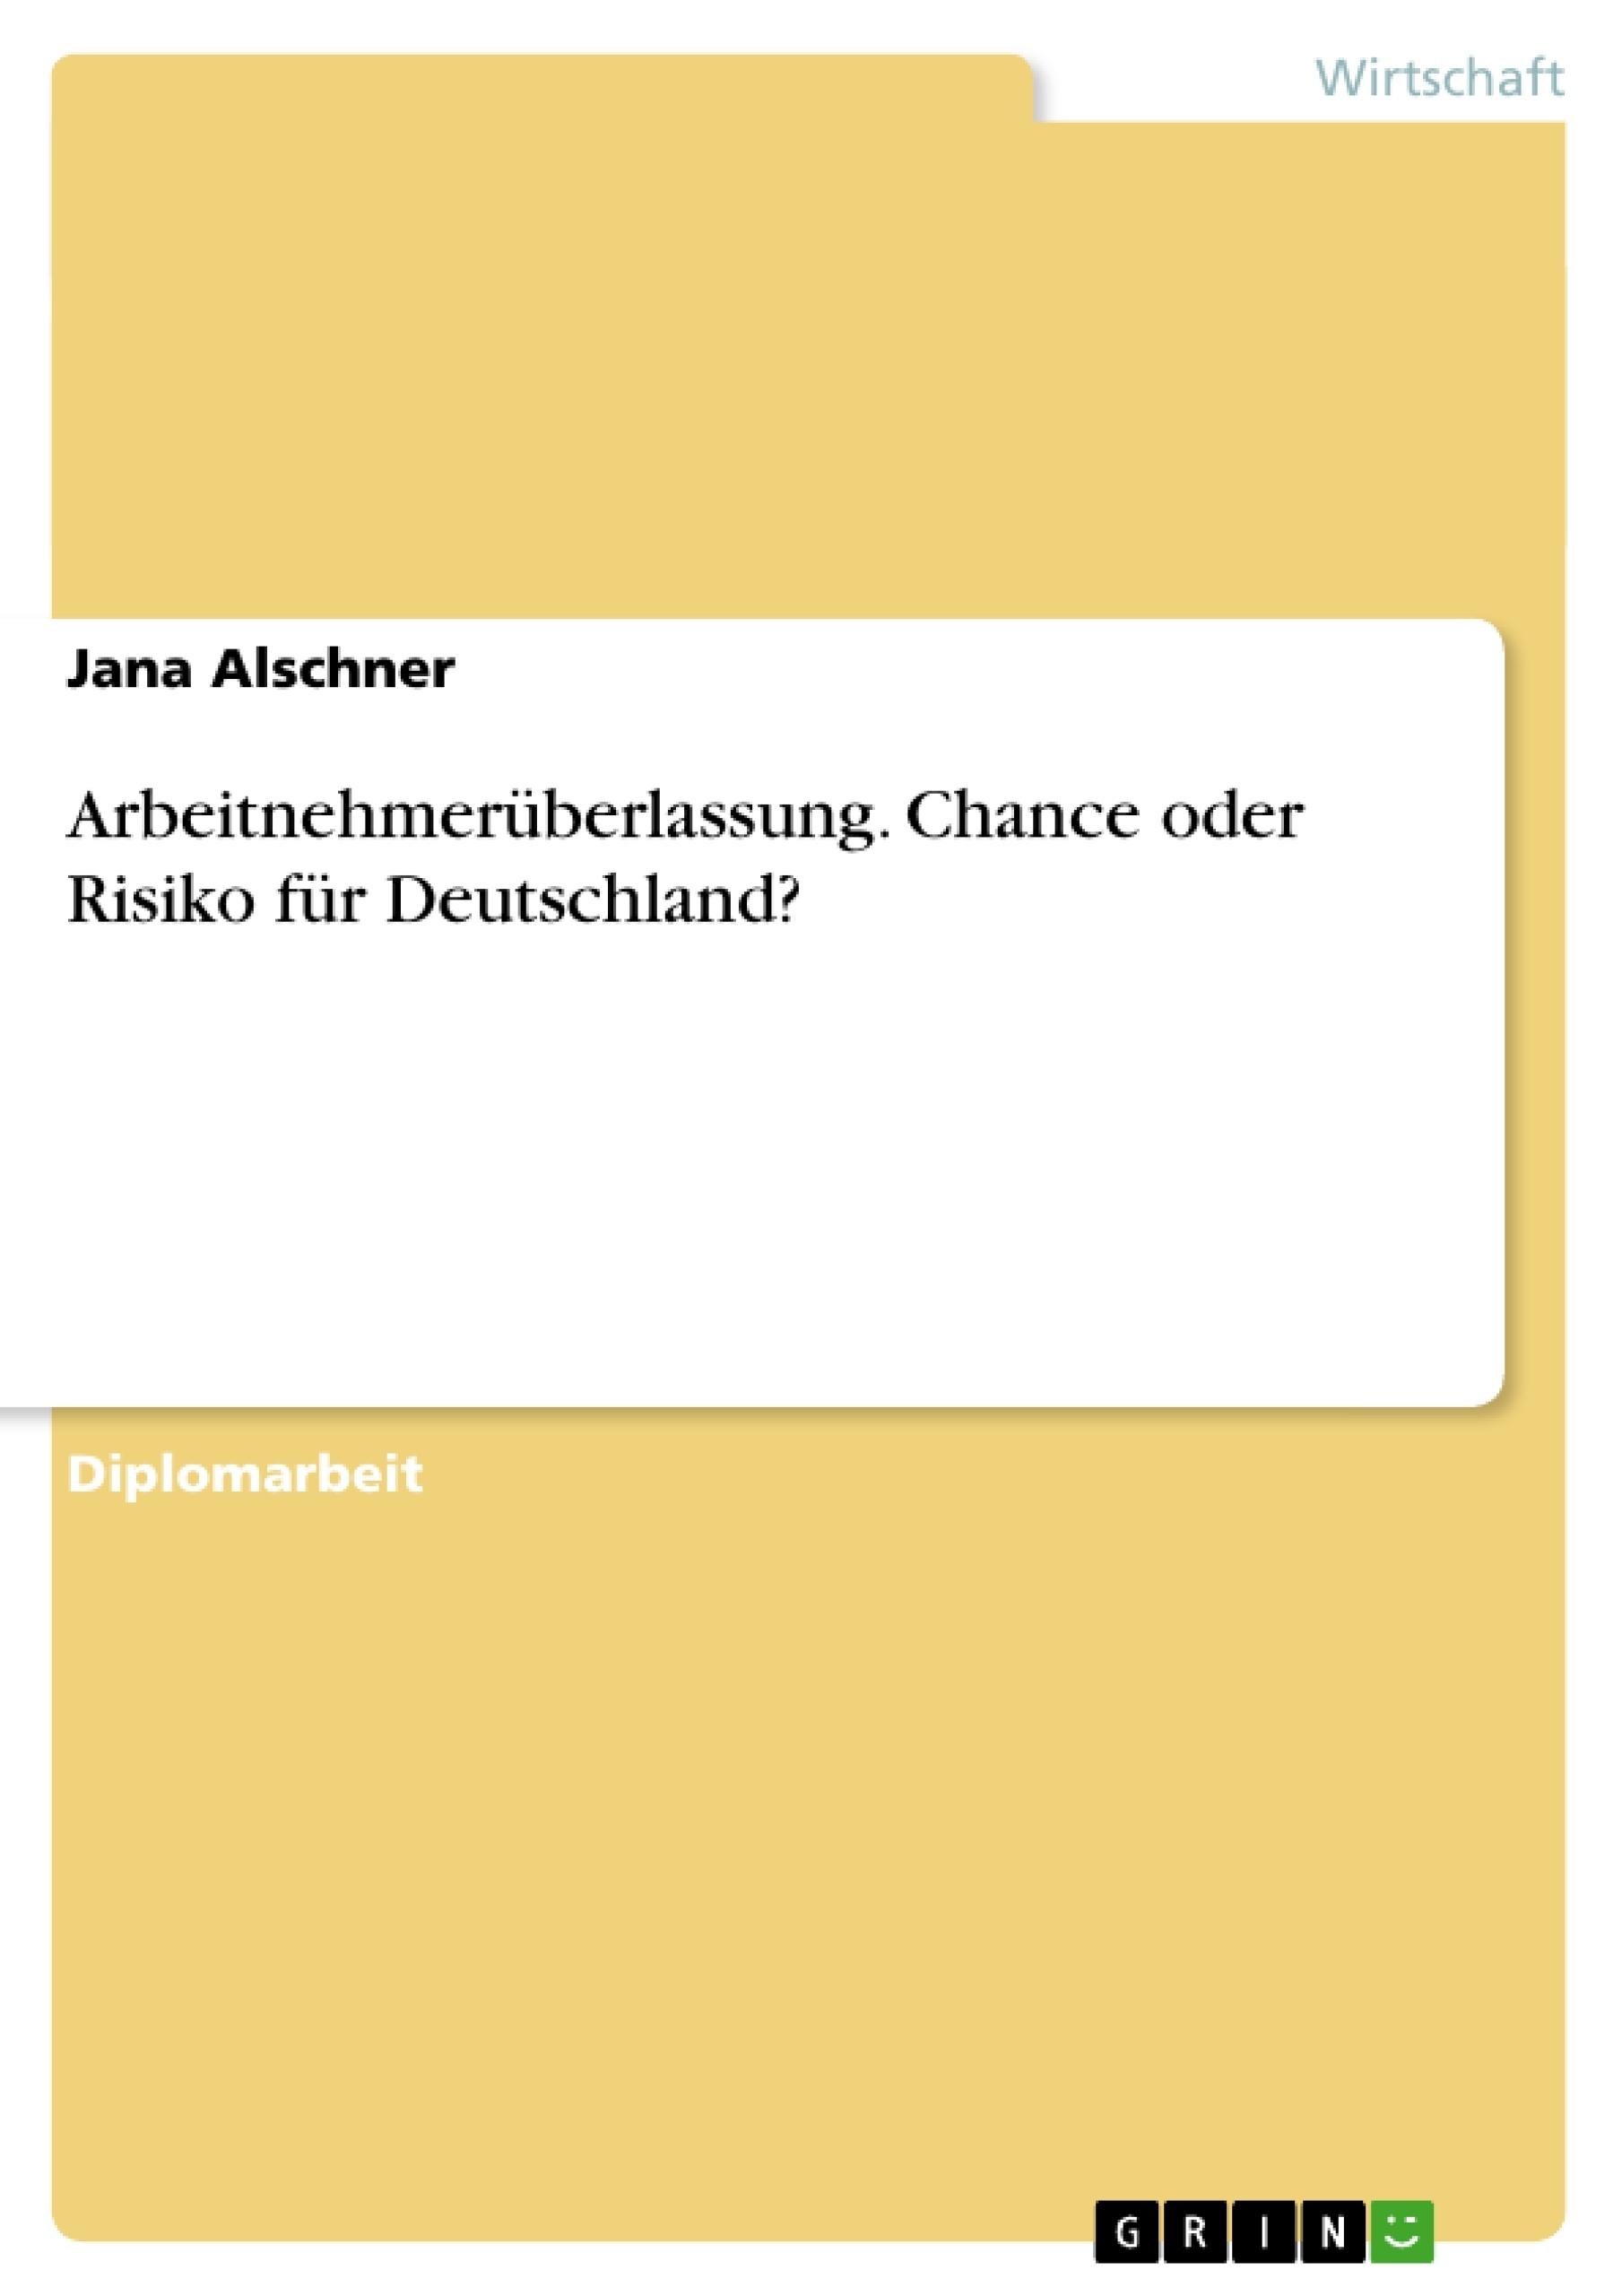 Titel: Arbeitnehmerüberlassung. Chance oder Risiko für Deutschland?